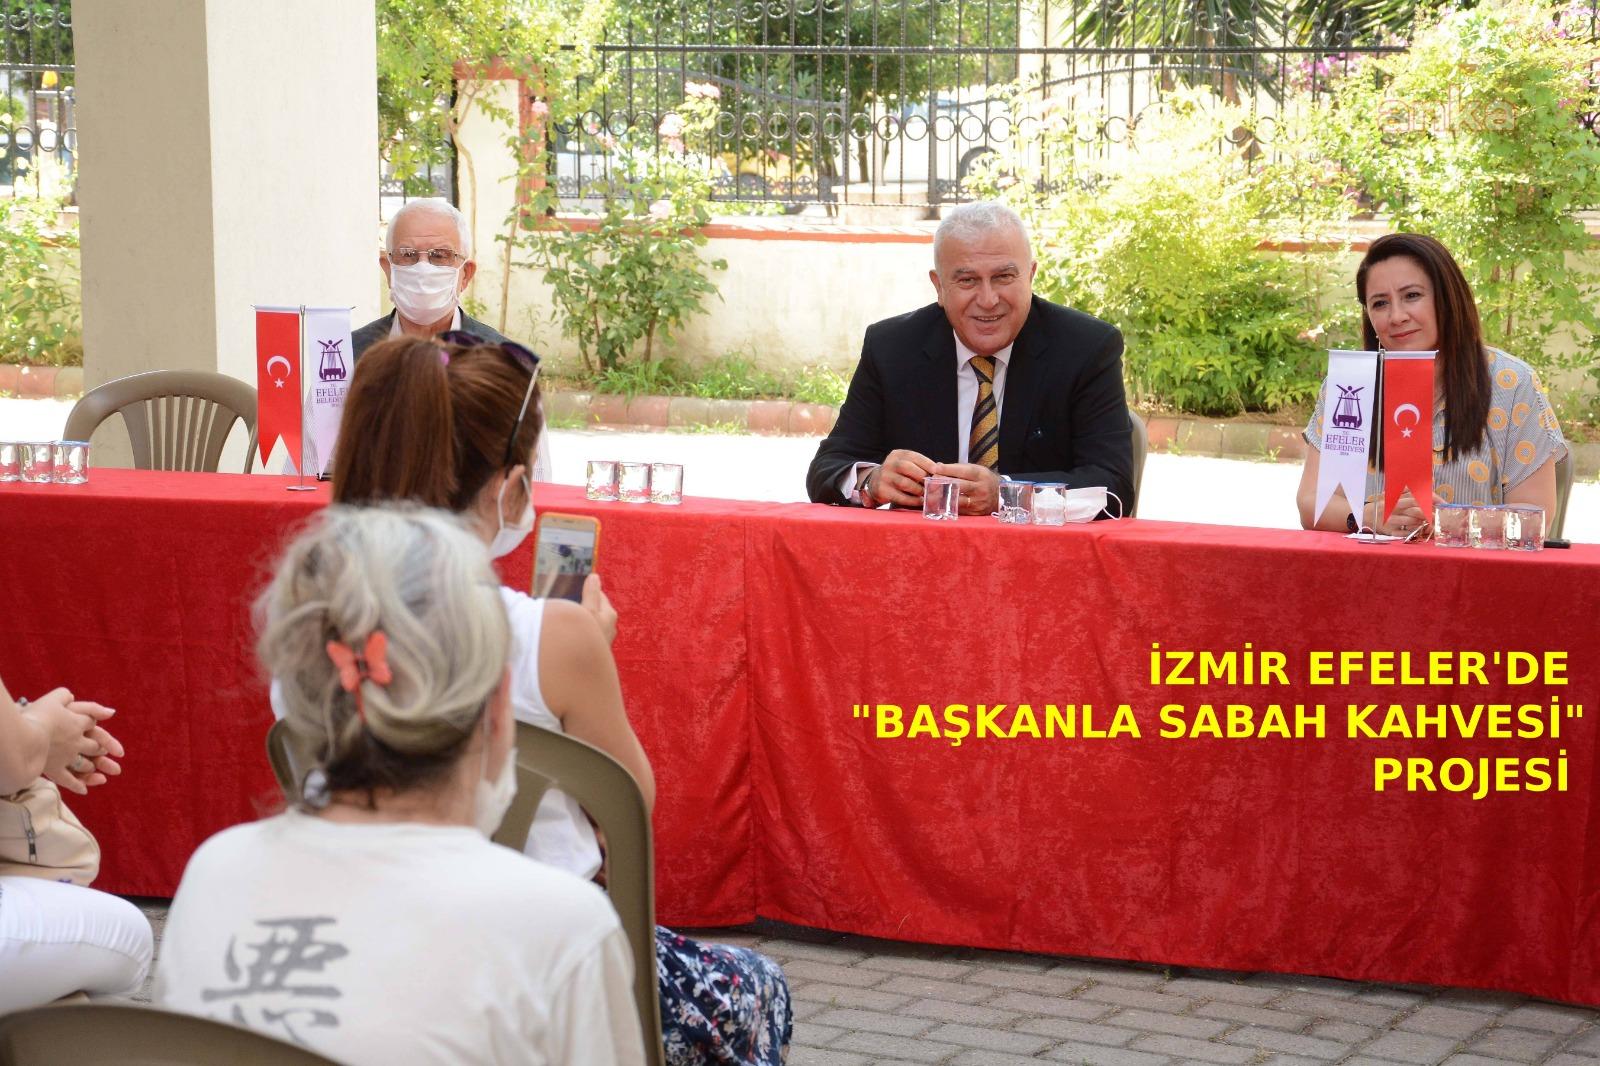 """İzmir Efeler'de """"Başkanla Sabah Kahvesi"""" projesi"""